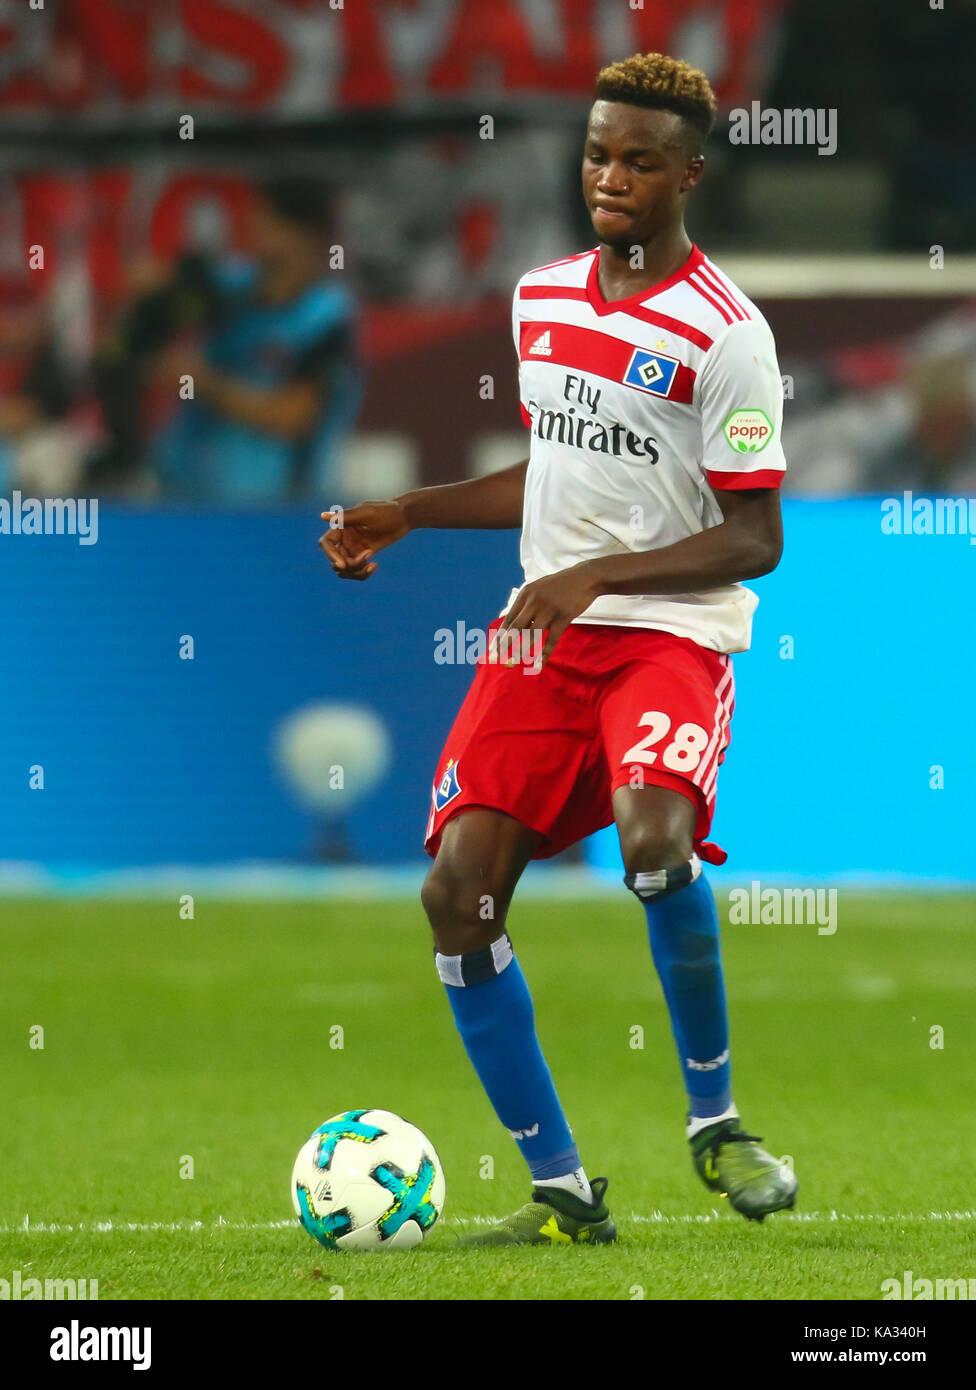 Leverkusen, Germany. 24th Sep, 2017. Leverkusen, Germany September 24, 2017, Bundesliga matchday 6, Bayer 04 Leverkusen - Stock Image